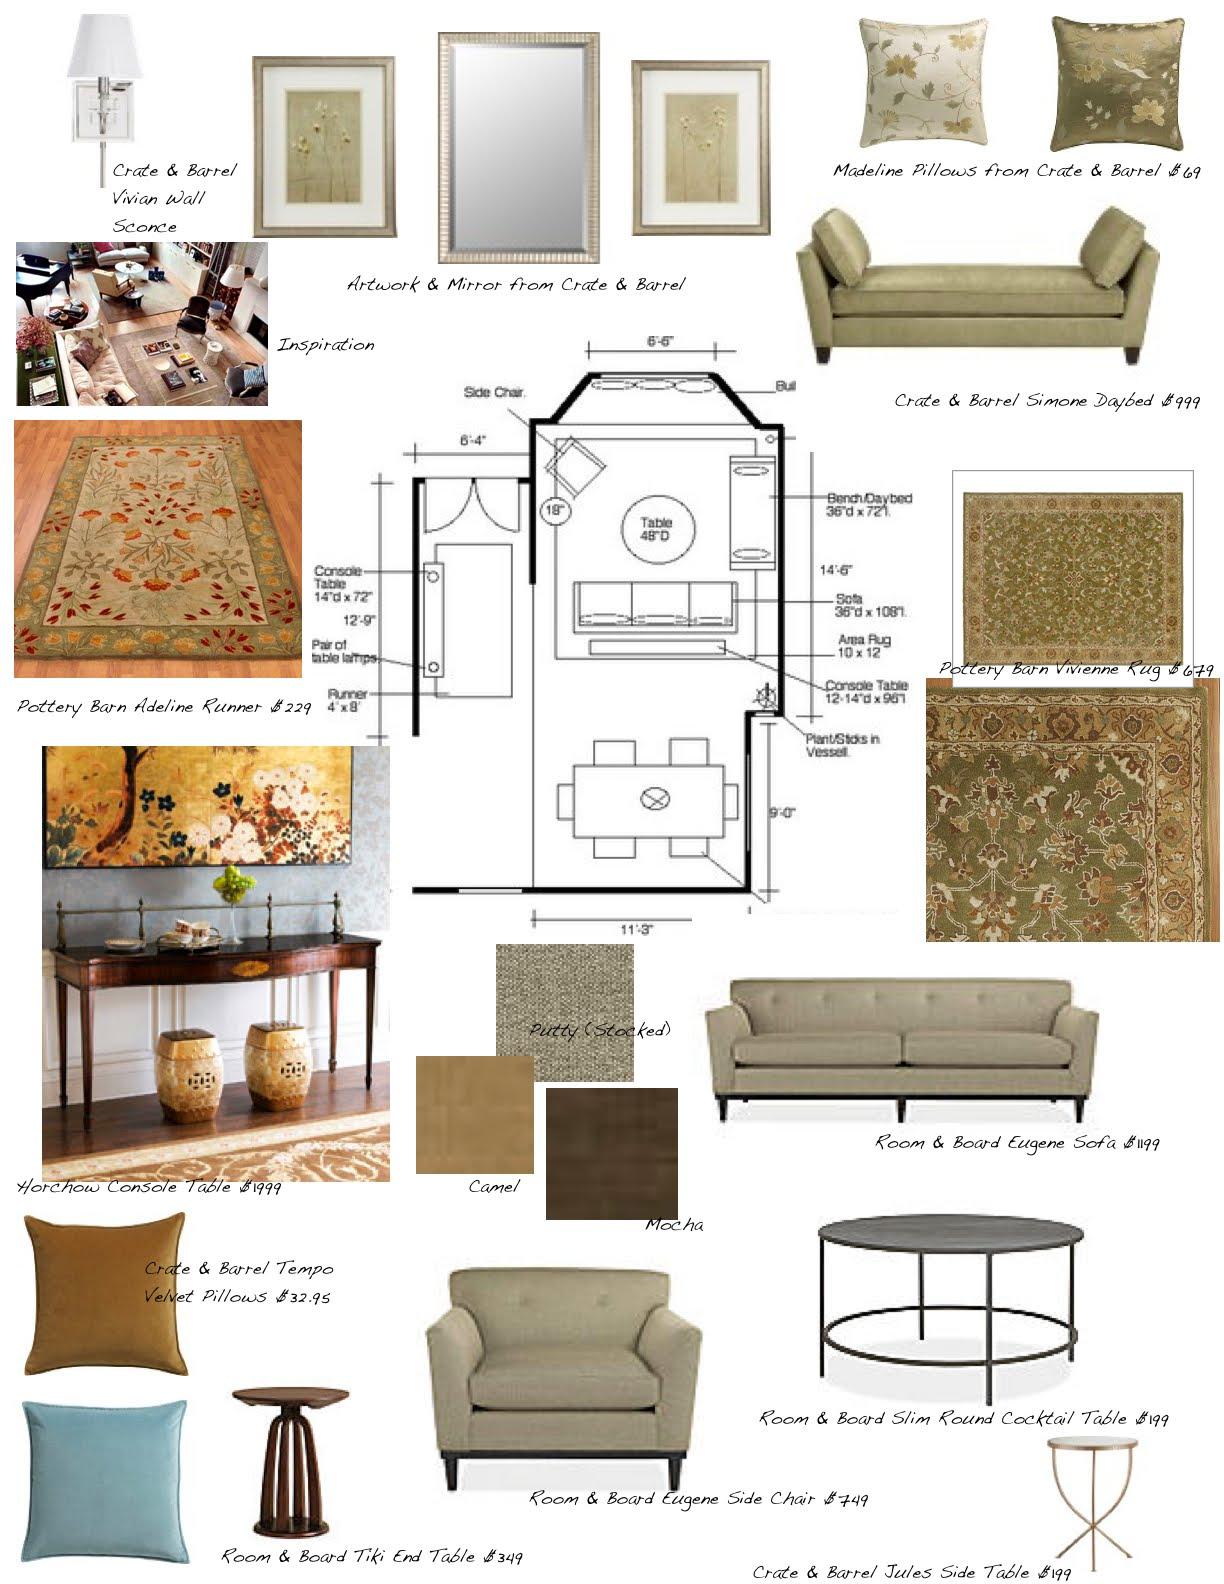 jill seidner interior design september 2010. Black Bedroom Furniture Sets. Home Design Ideas